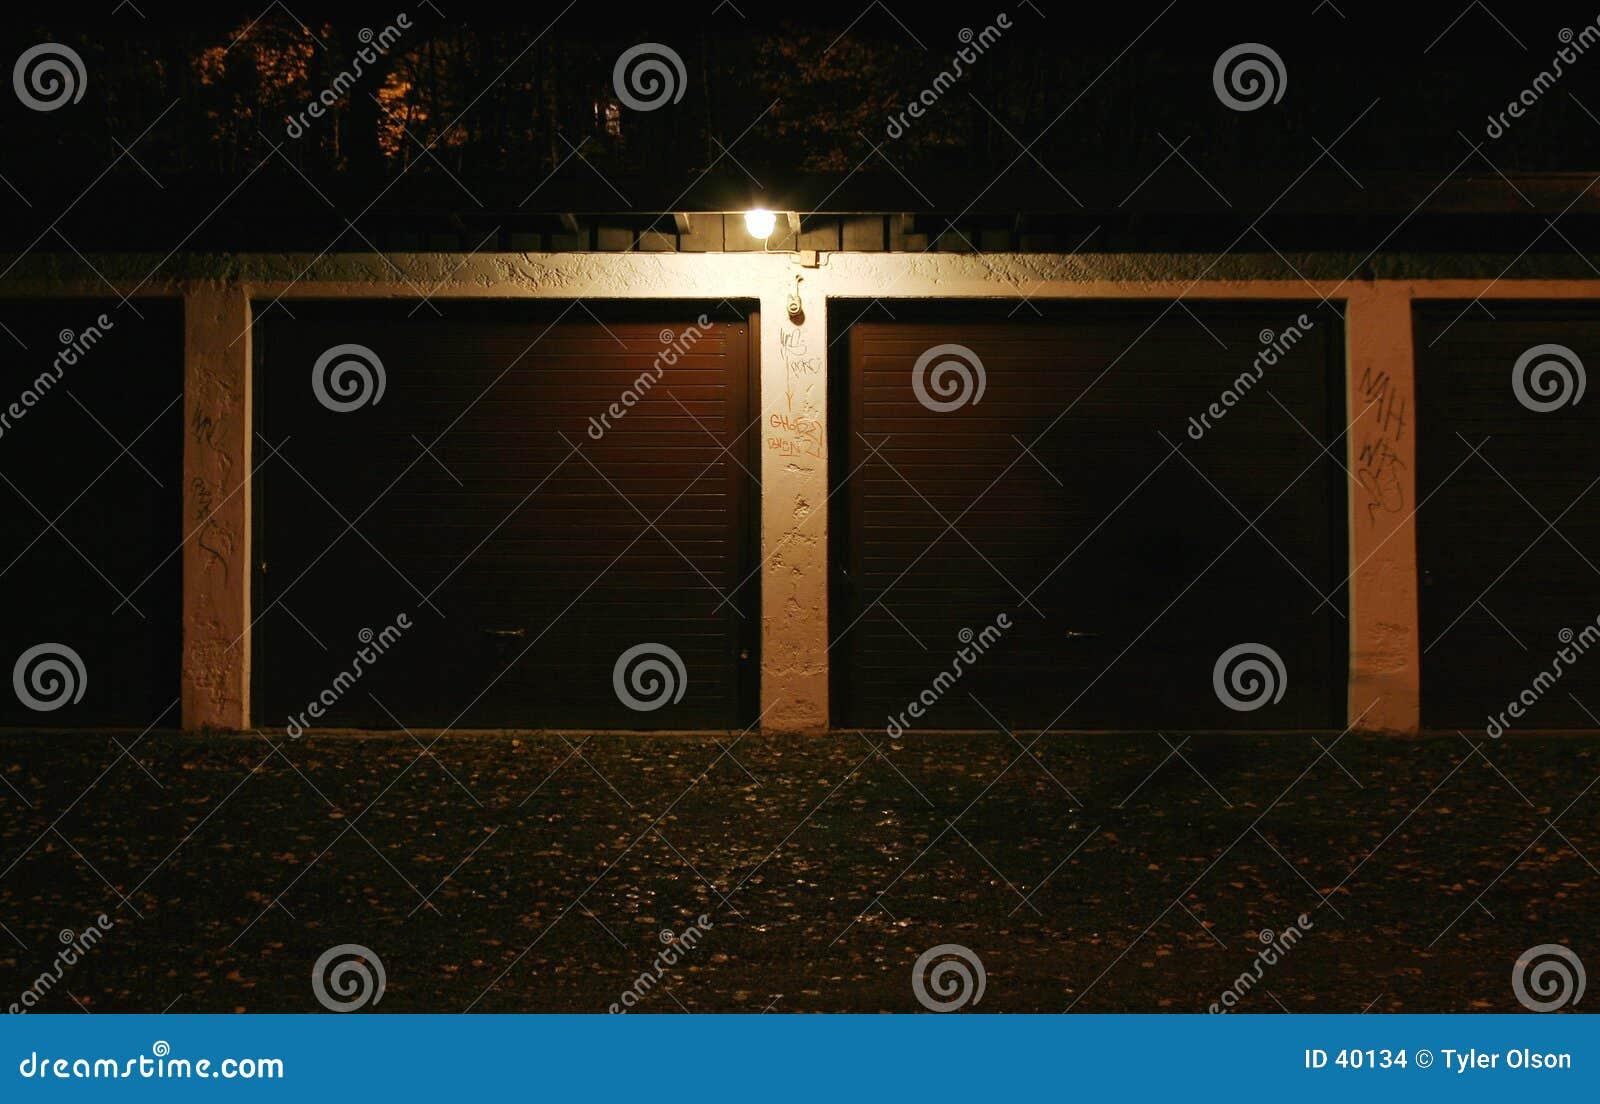 Download Garage en la noche foto de archivo. Imagen de configuración - 40134